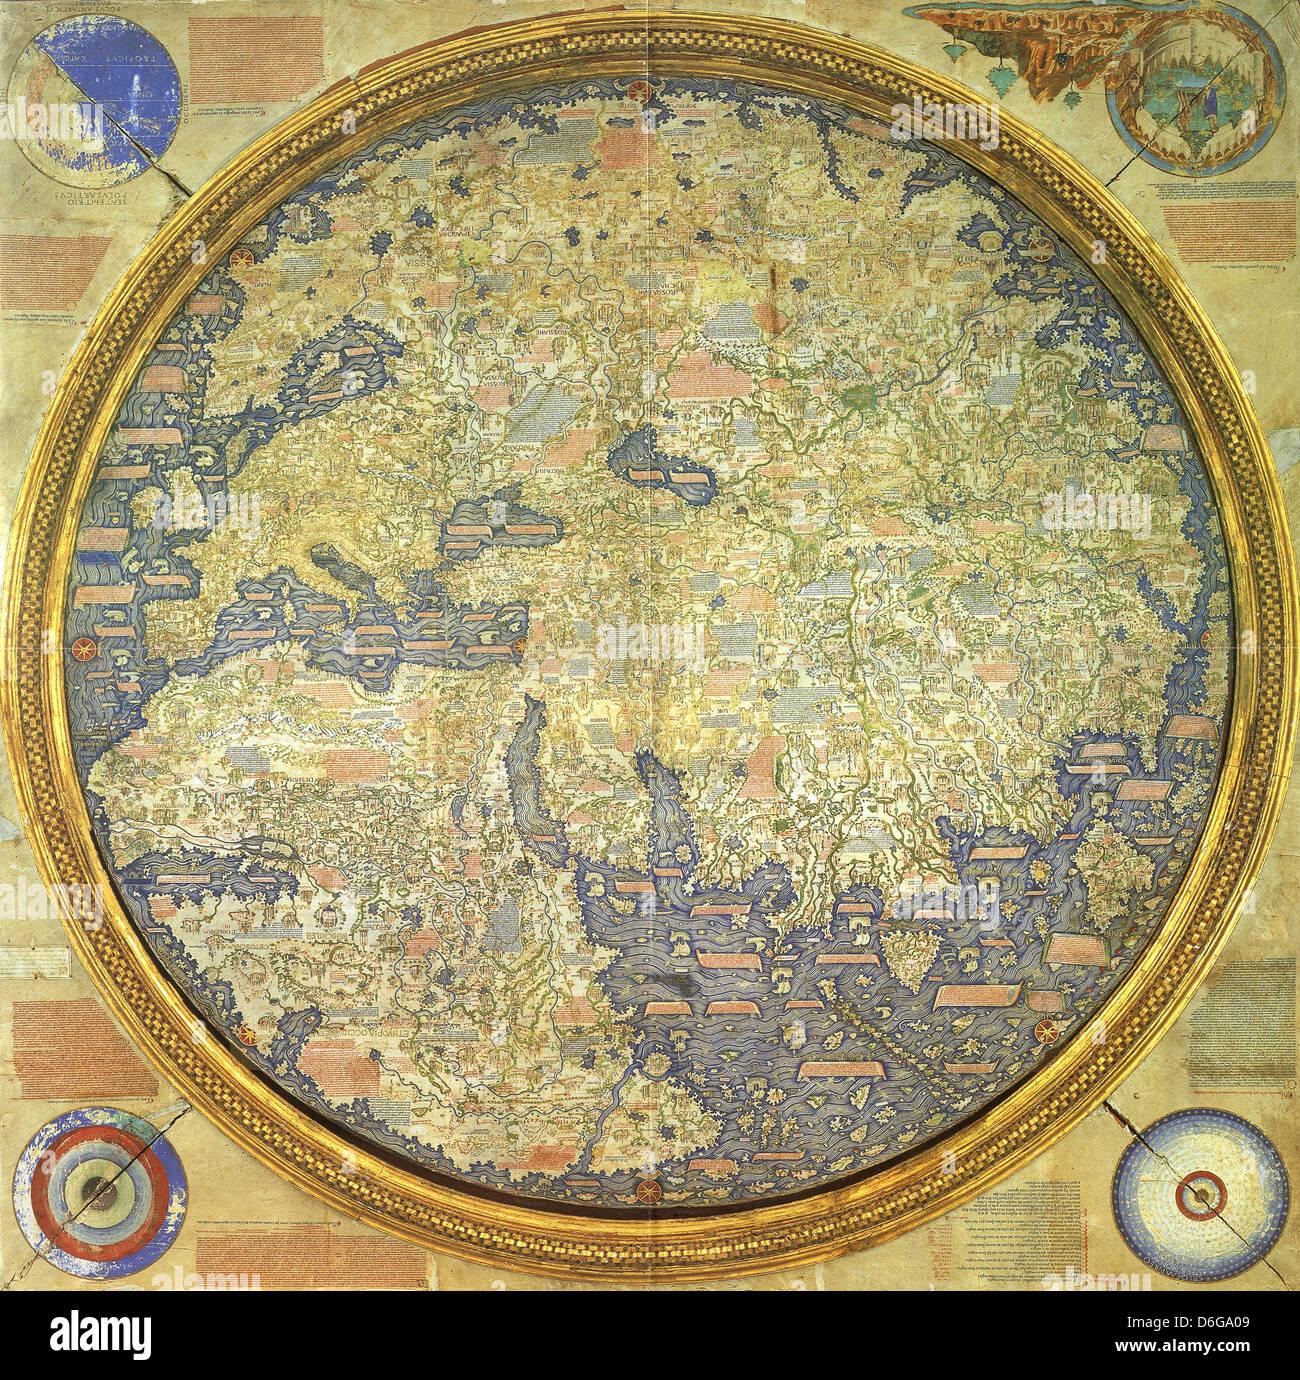 FRA MAURO Karte gezeichnet im Jahre 1450 von venezianischen Mönch (Bruder) Fra Mauro Stockbild